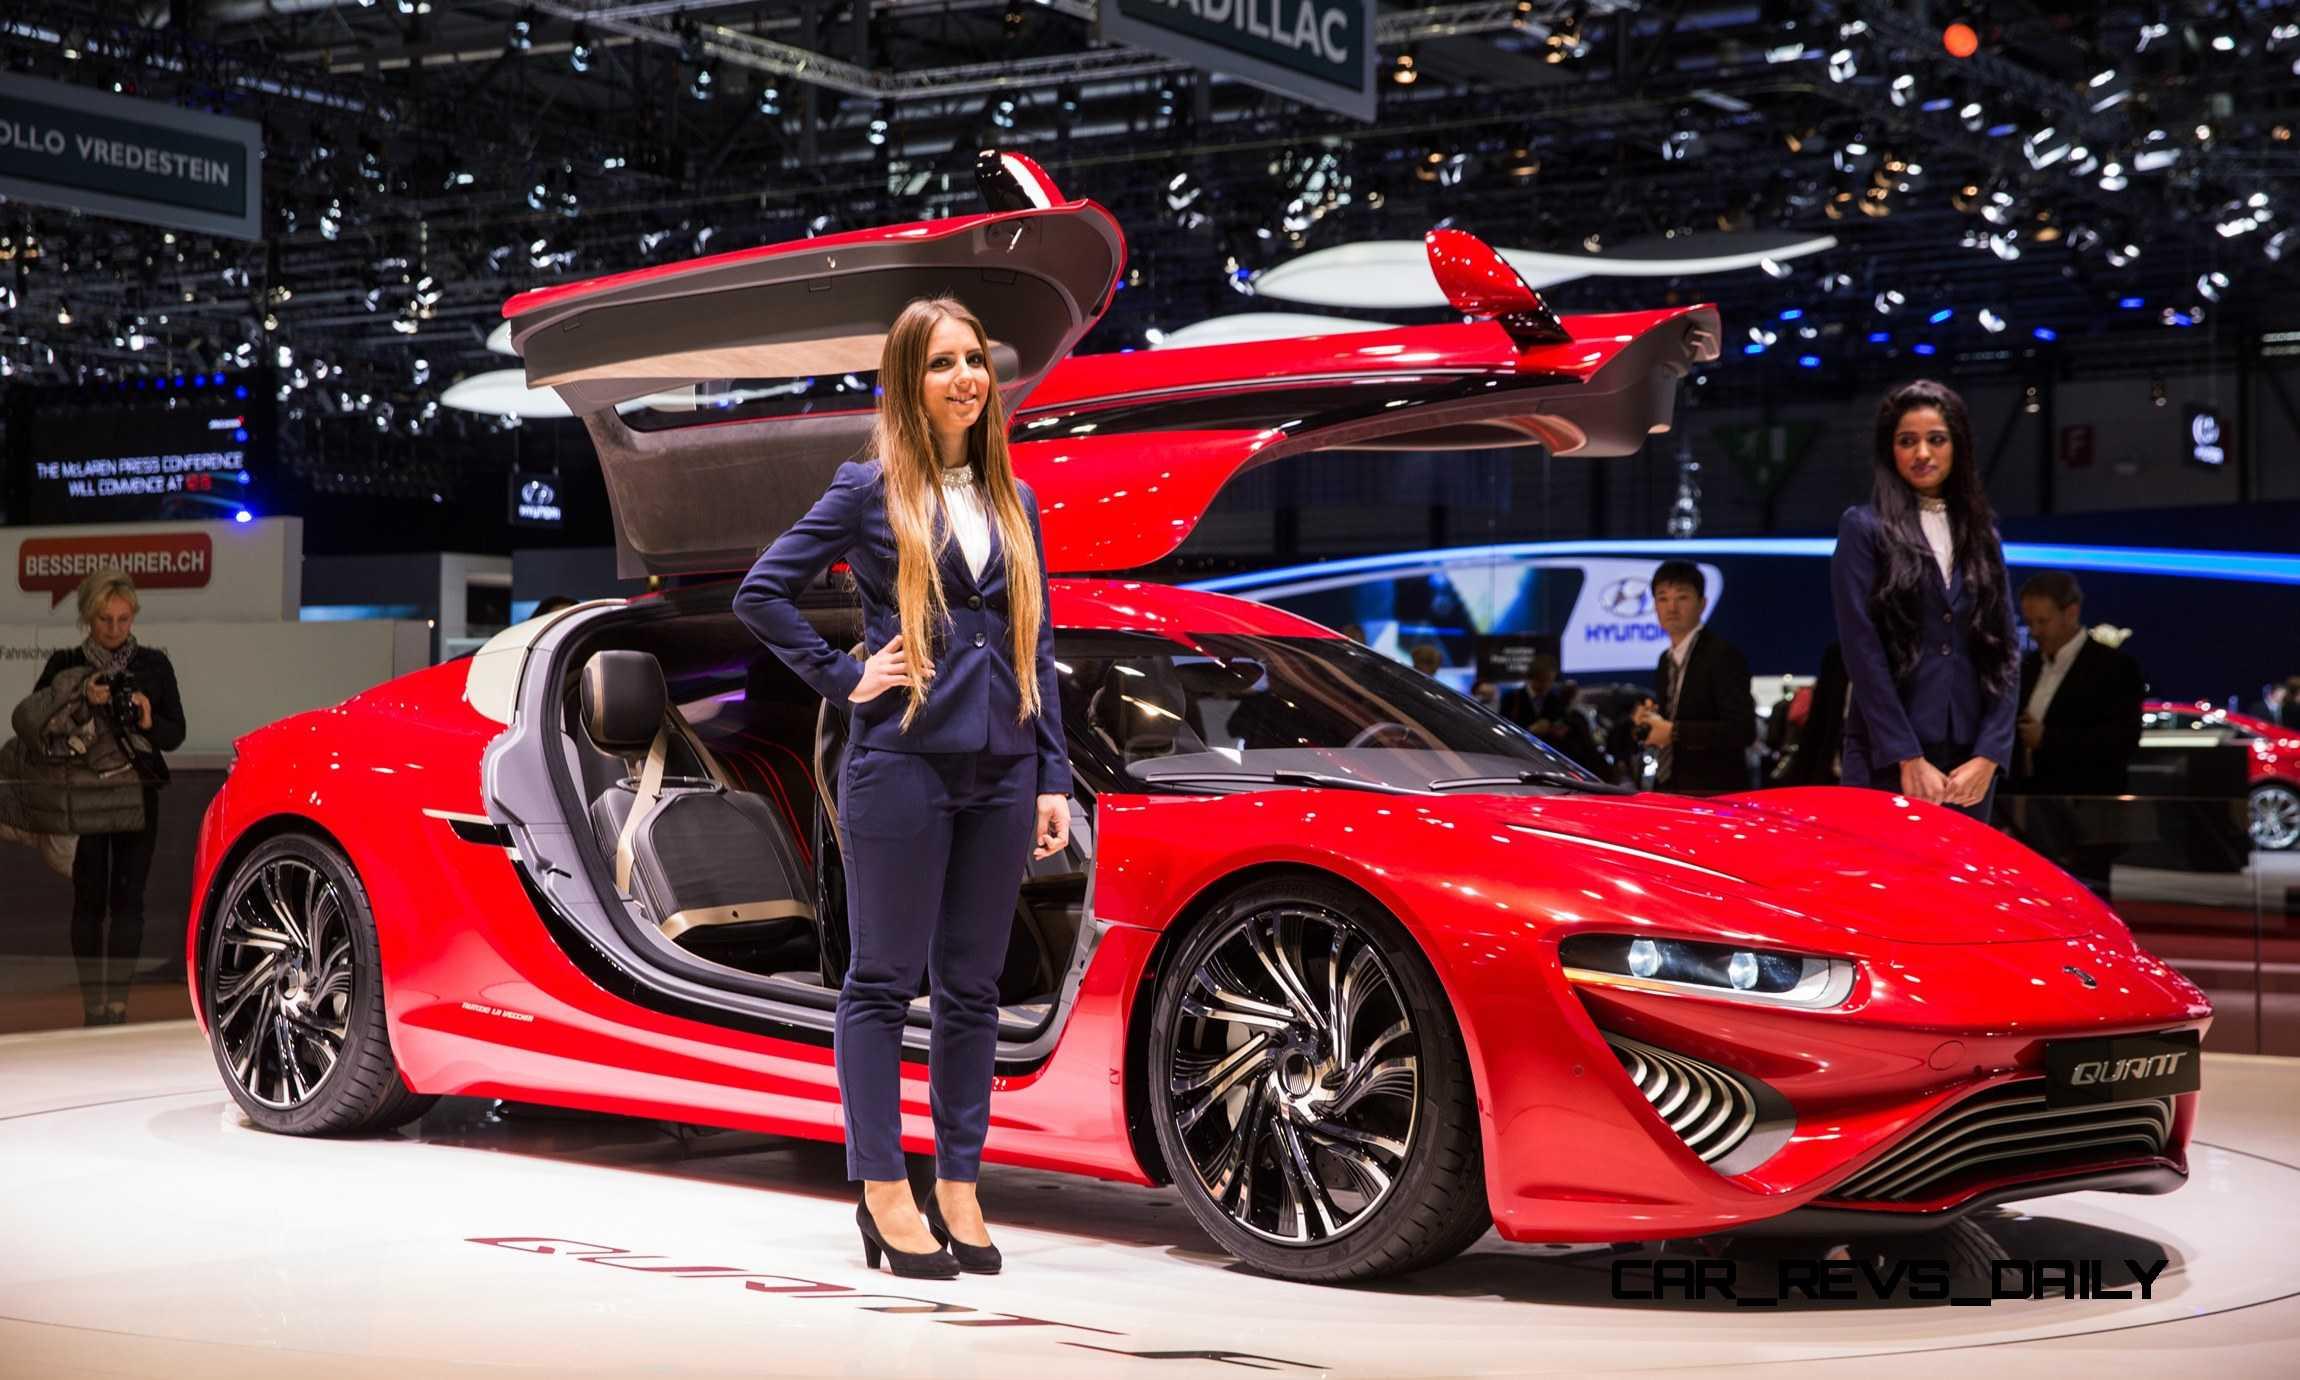 Quant F Electric Car Price